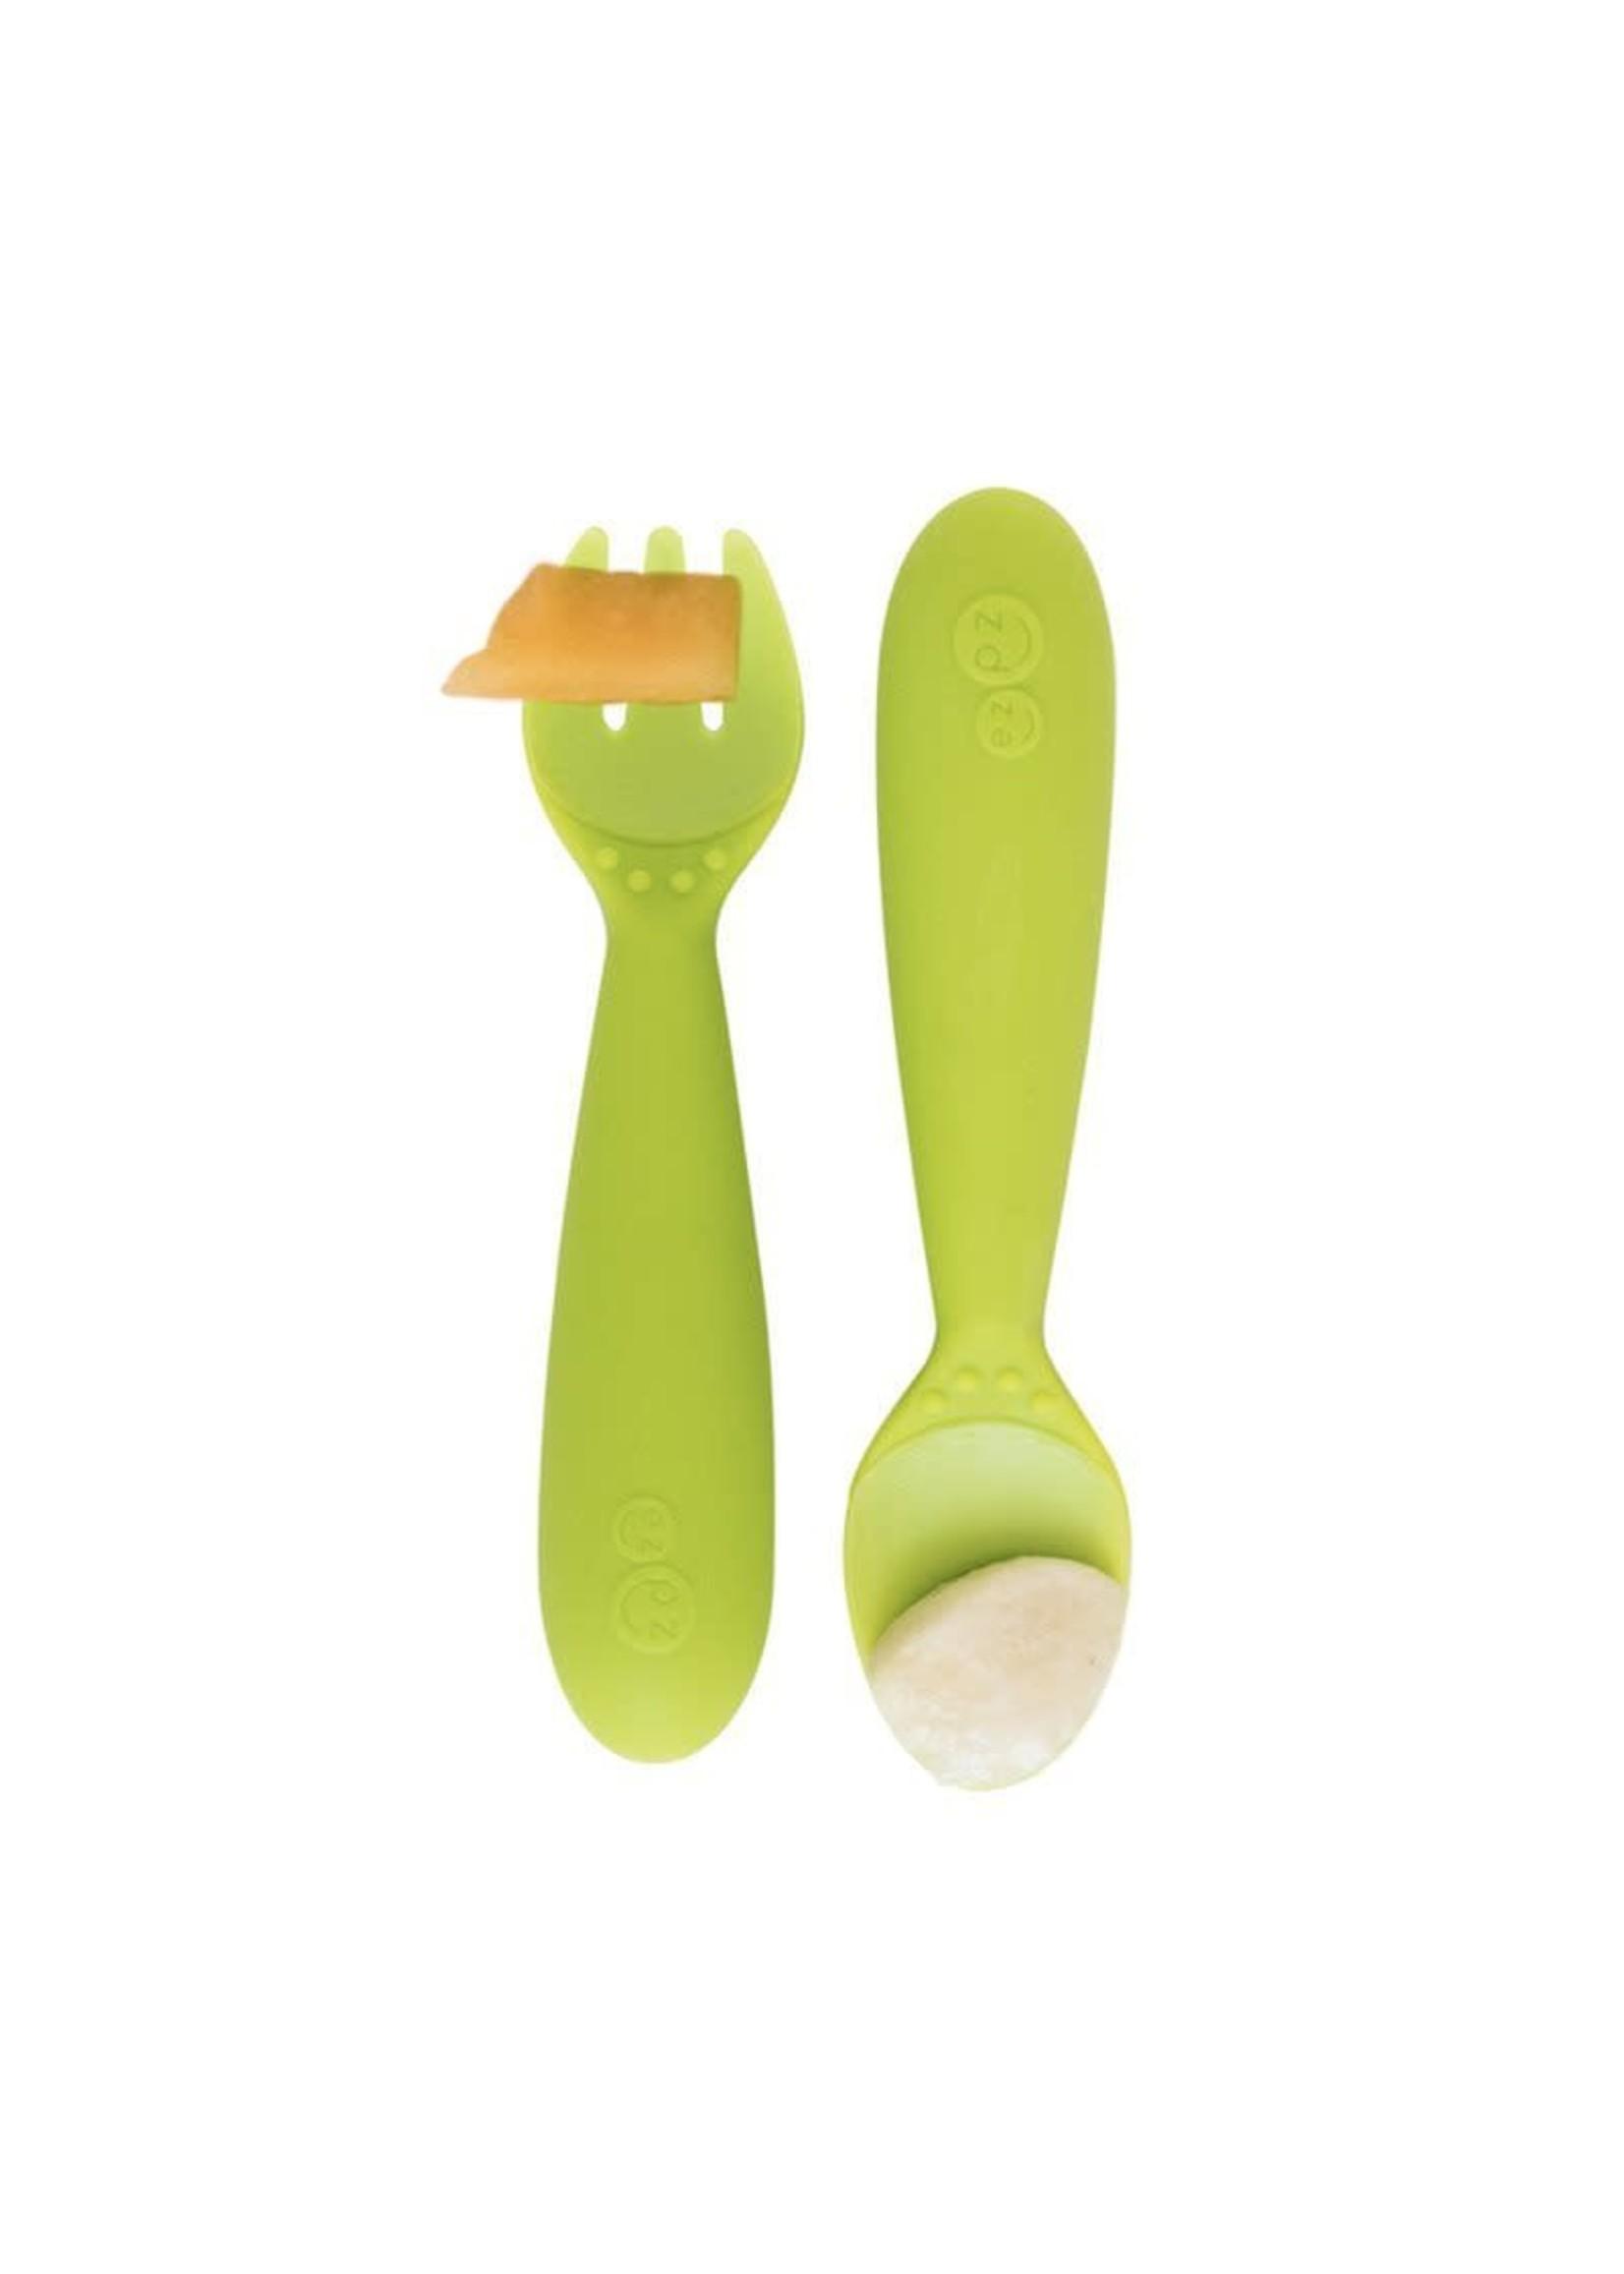 EZPZ ezpz Mini Utensils (Lime)